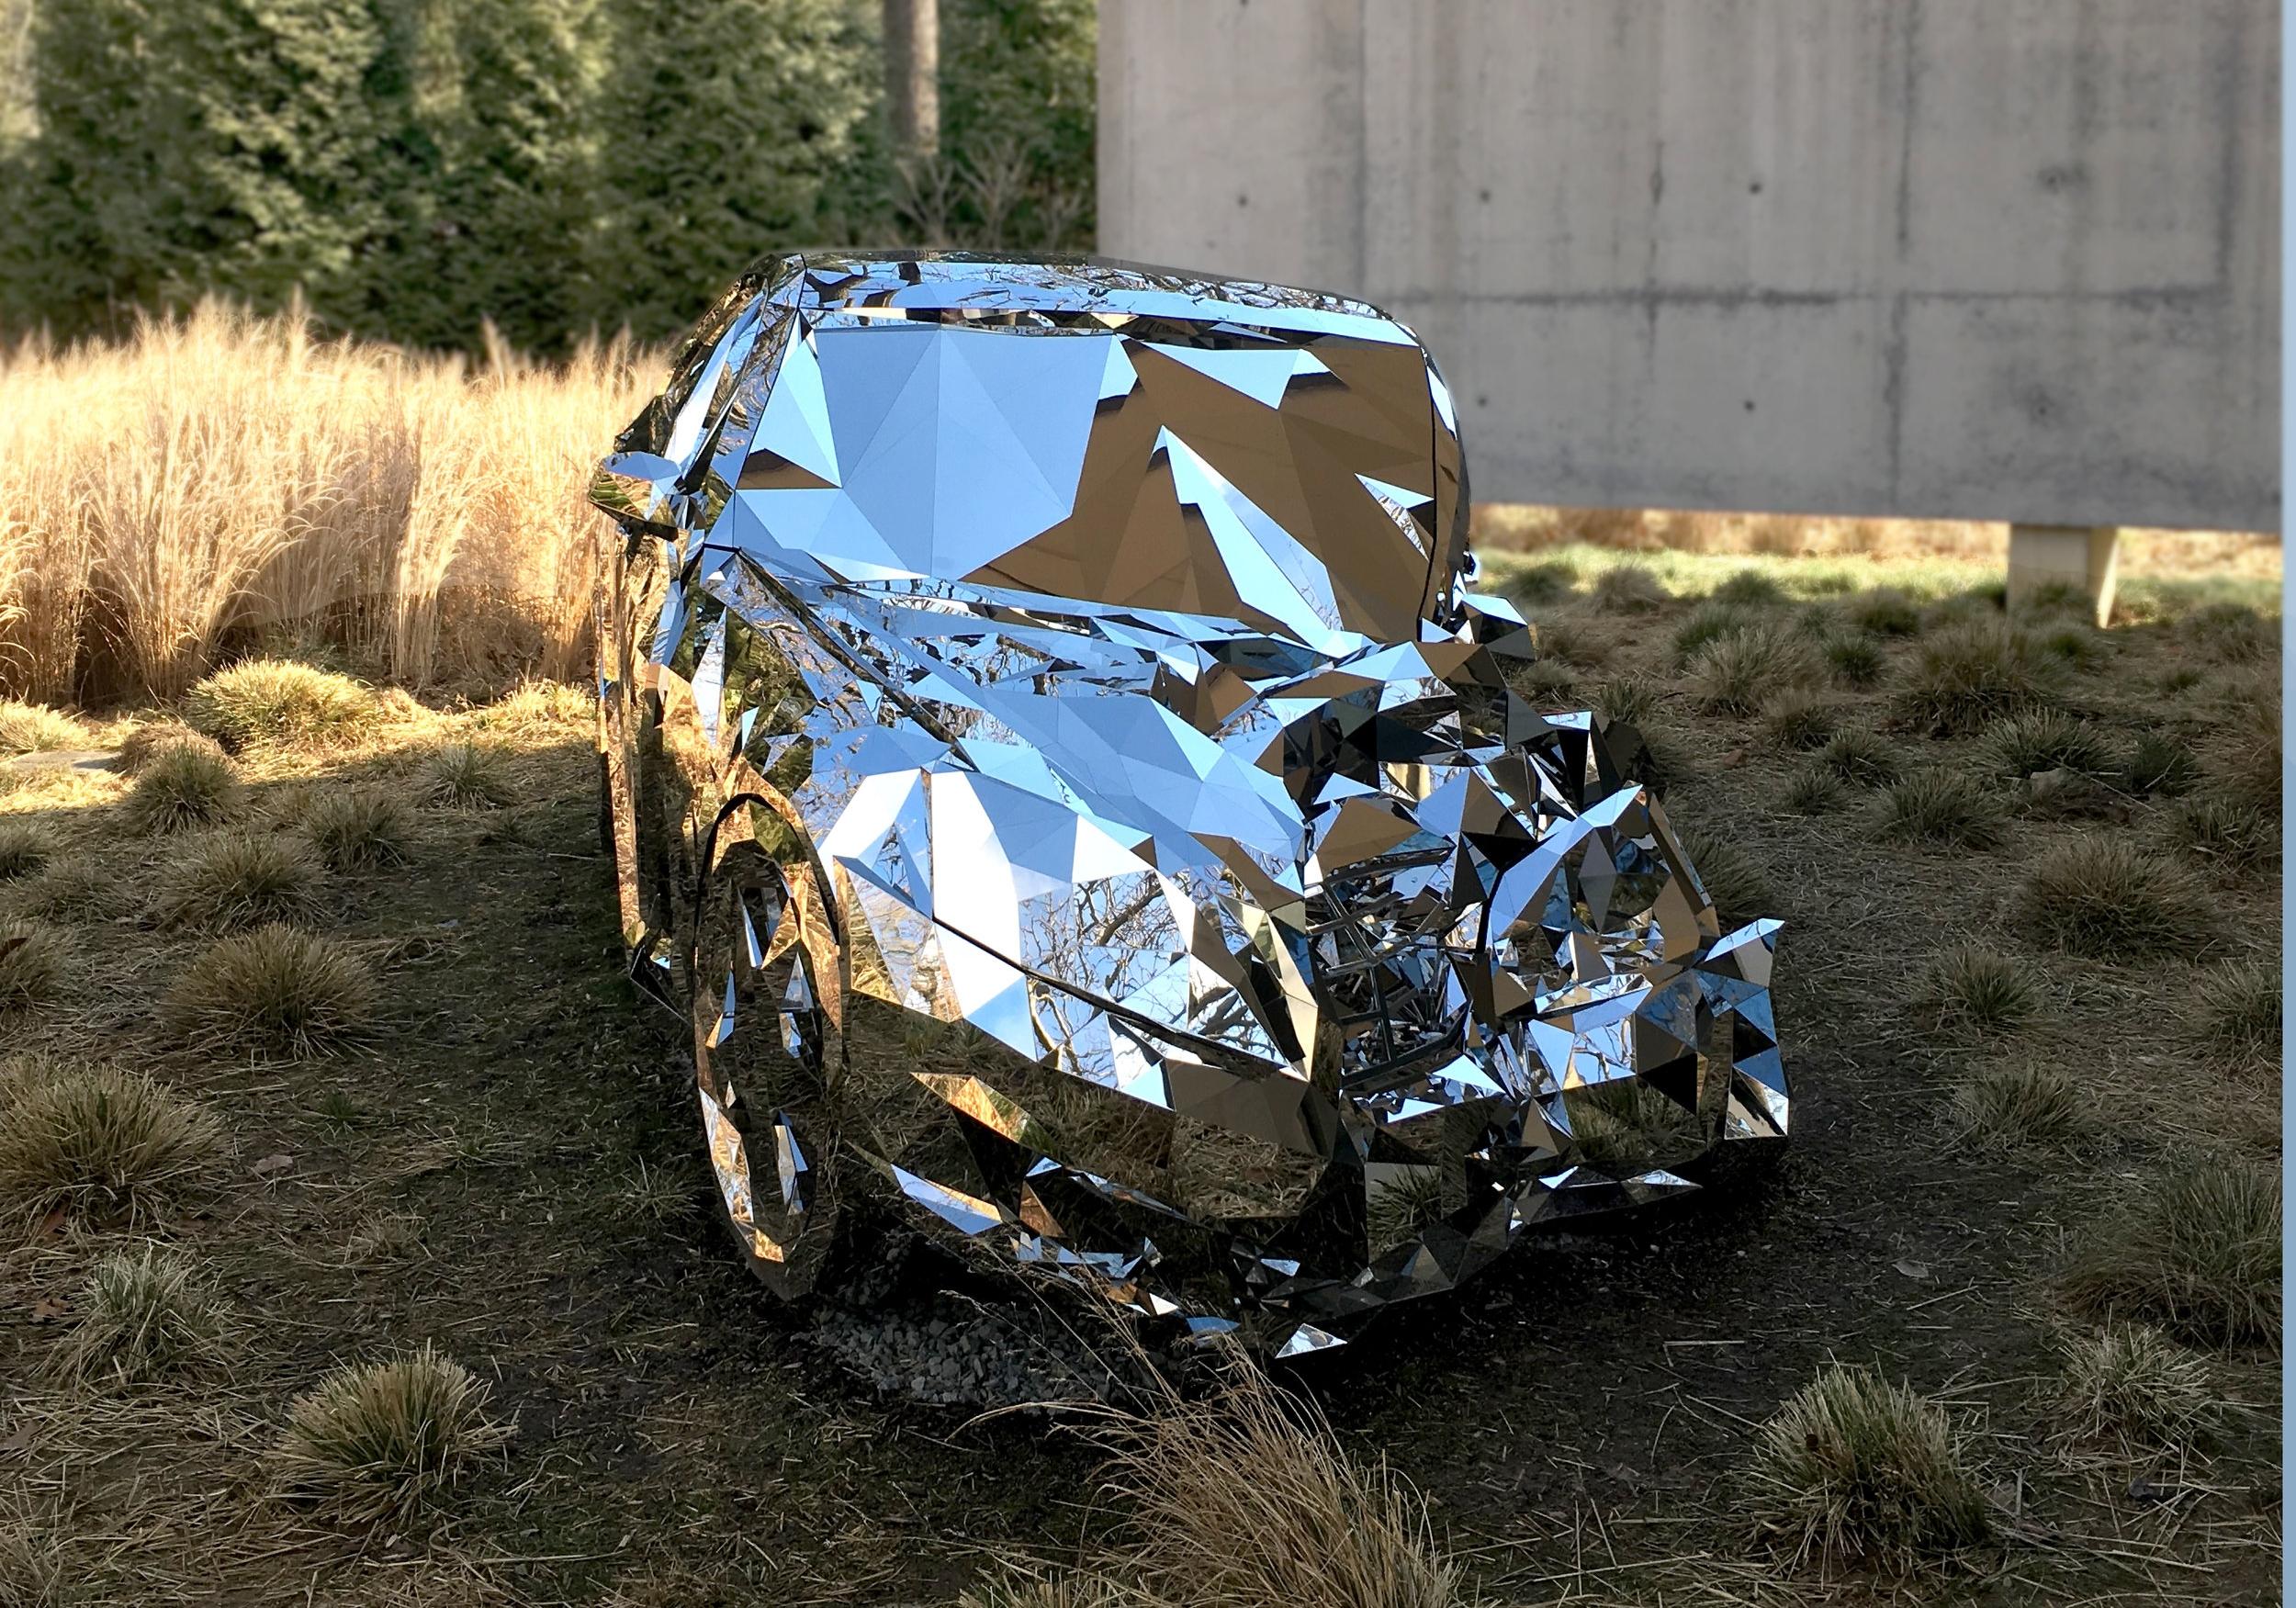 Wreck5.jpg